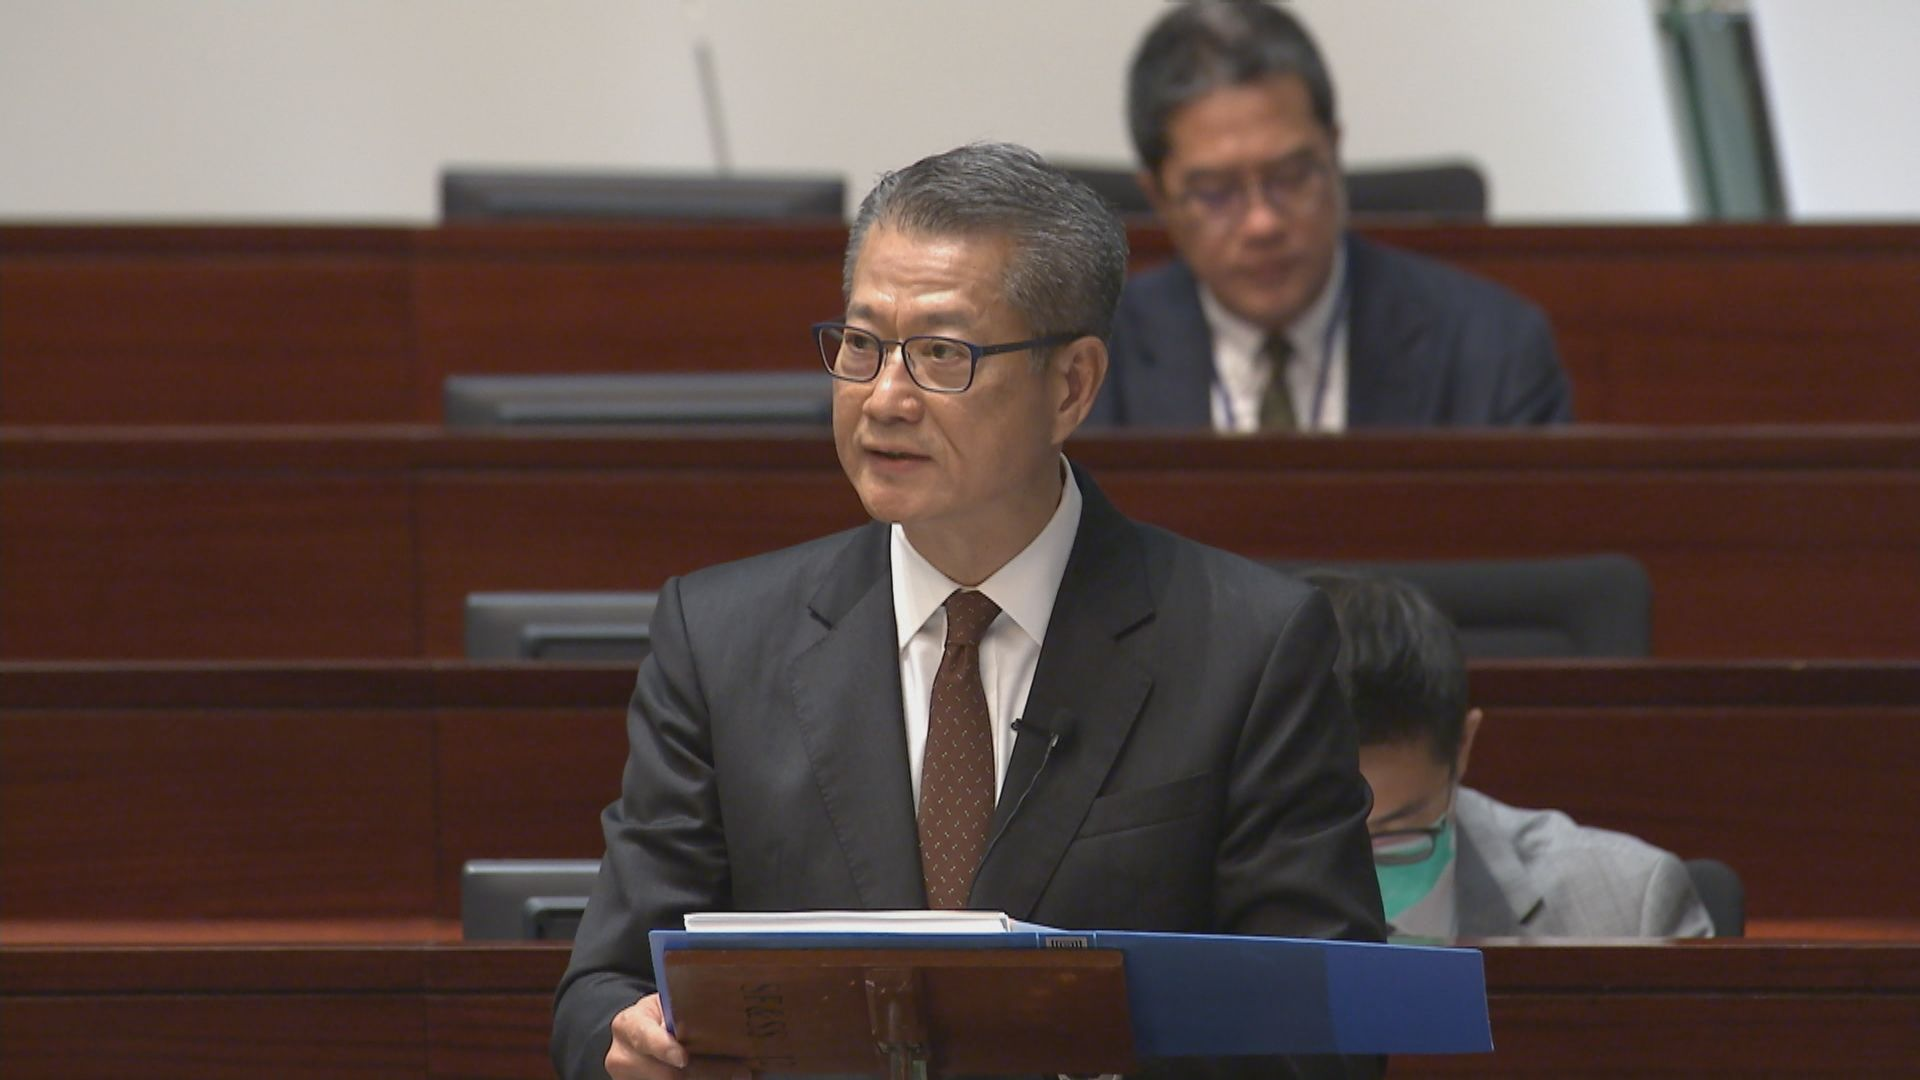 【一文睇晒·即時更新】2020至21年度財政預算案摘要